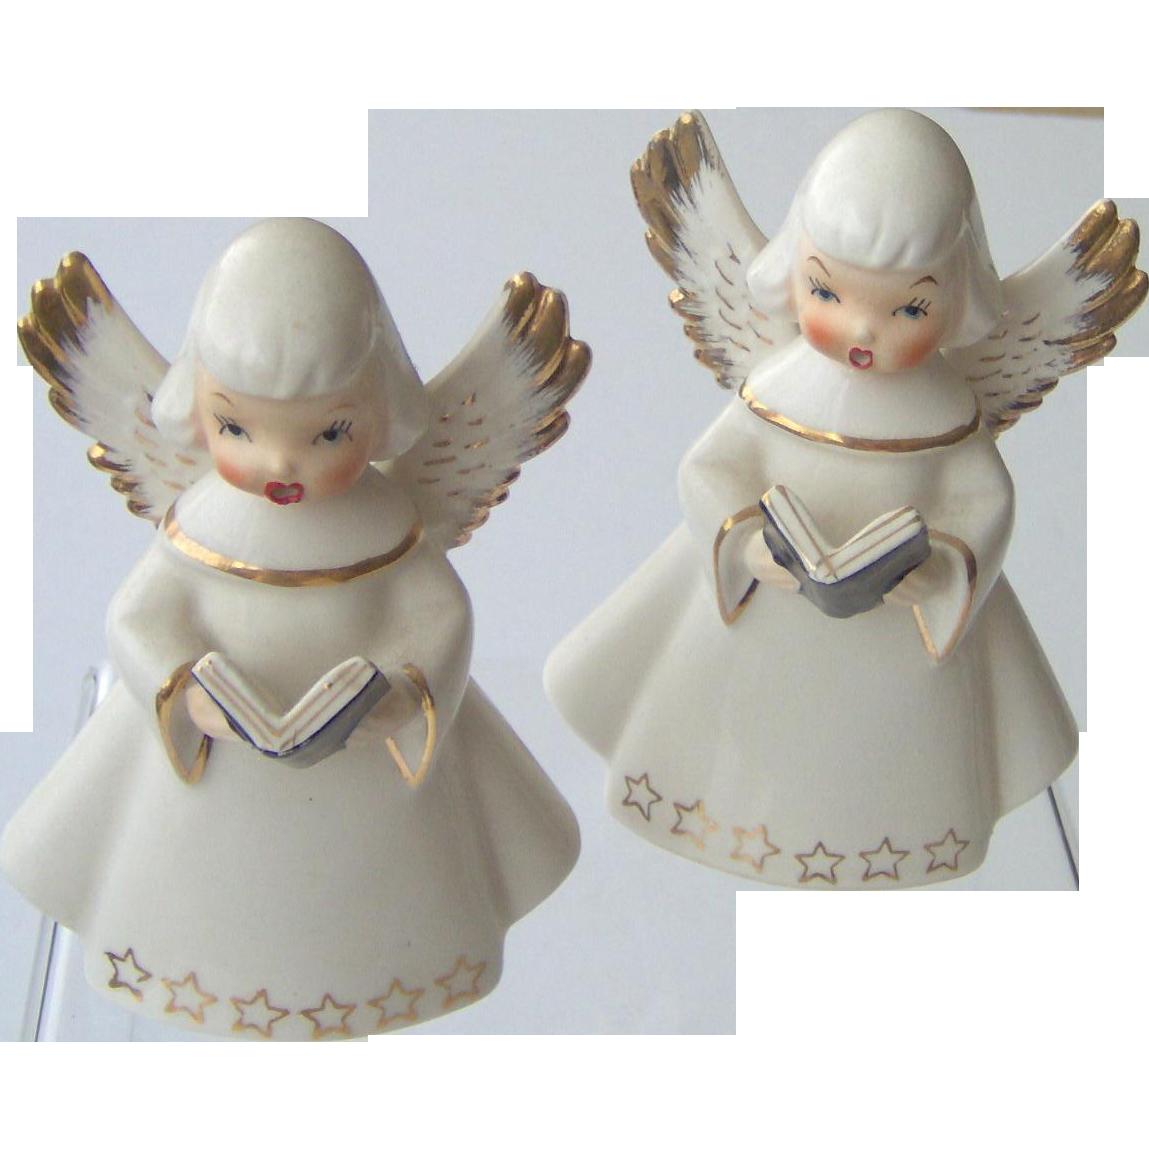 Pair of Singing Angels